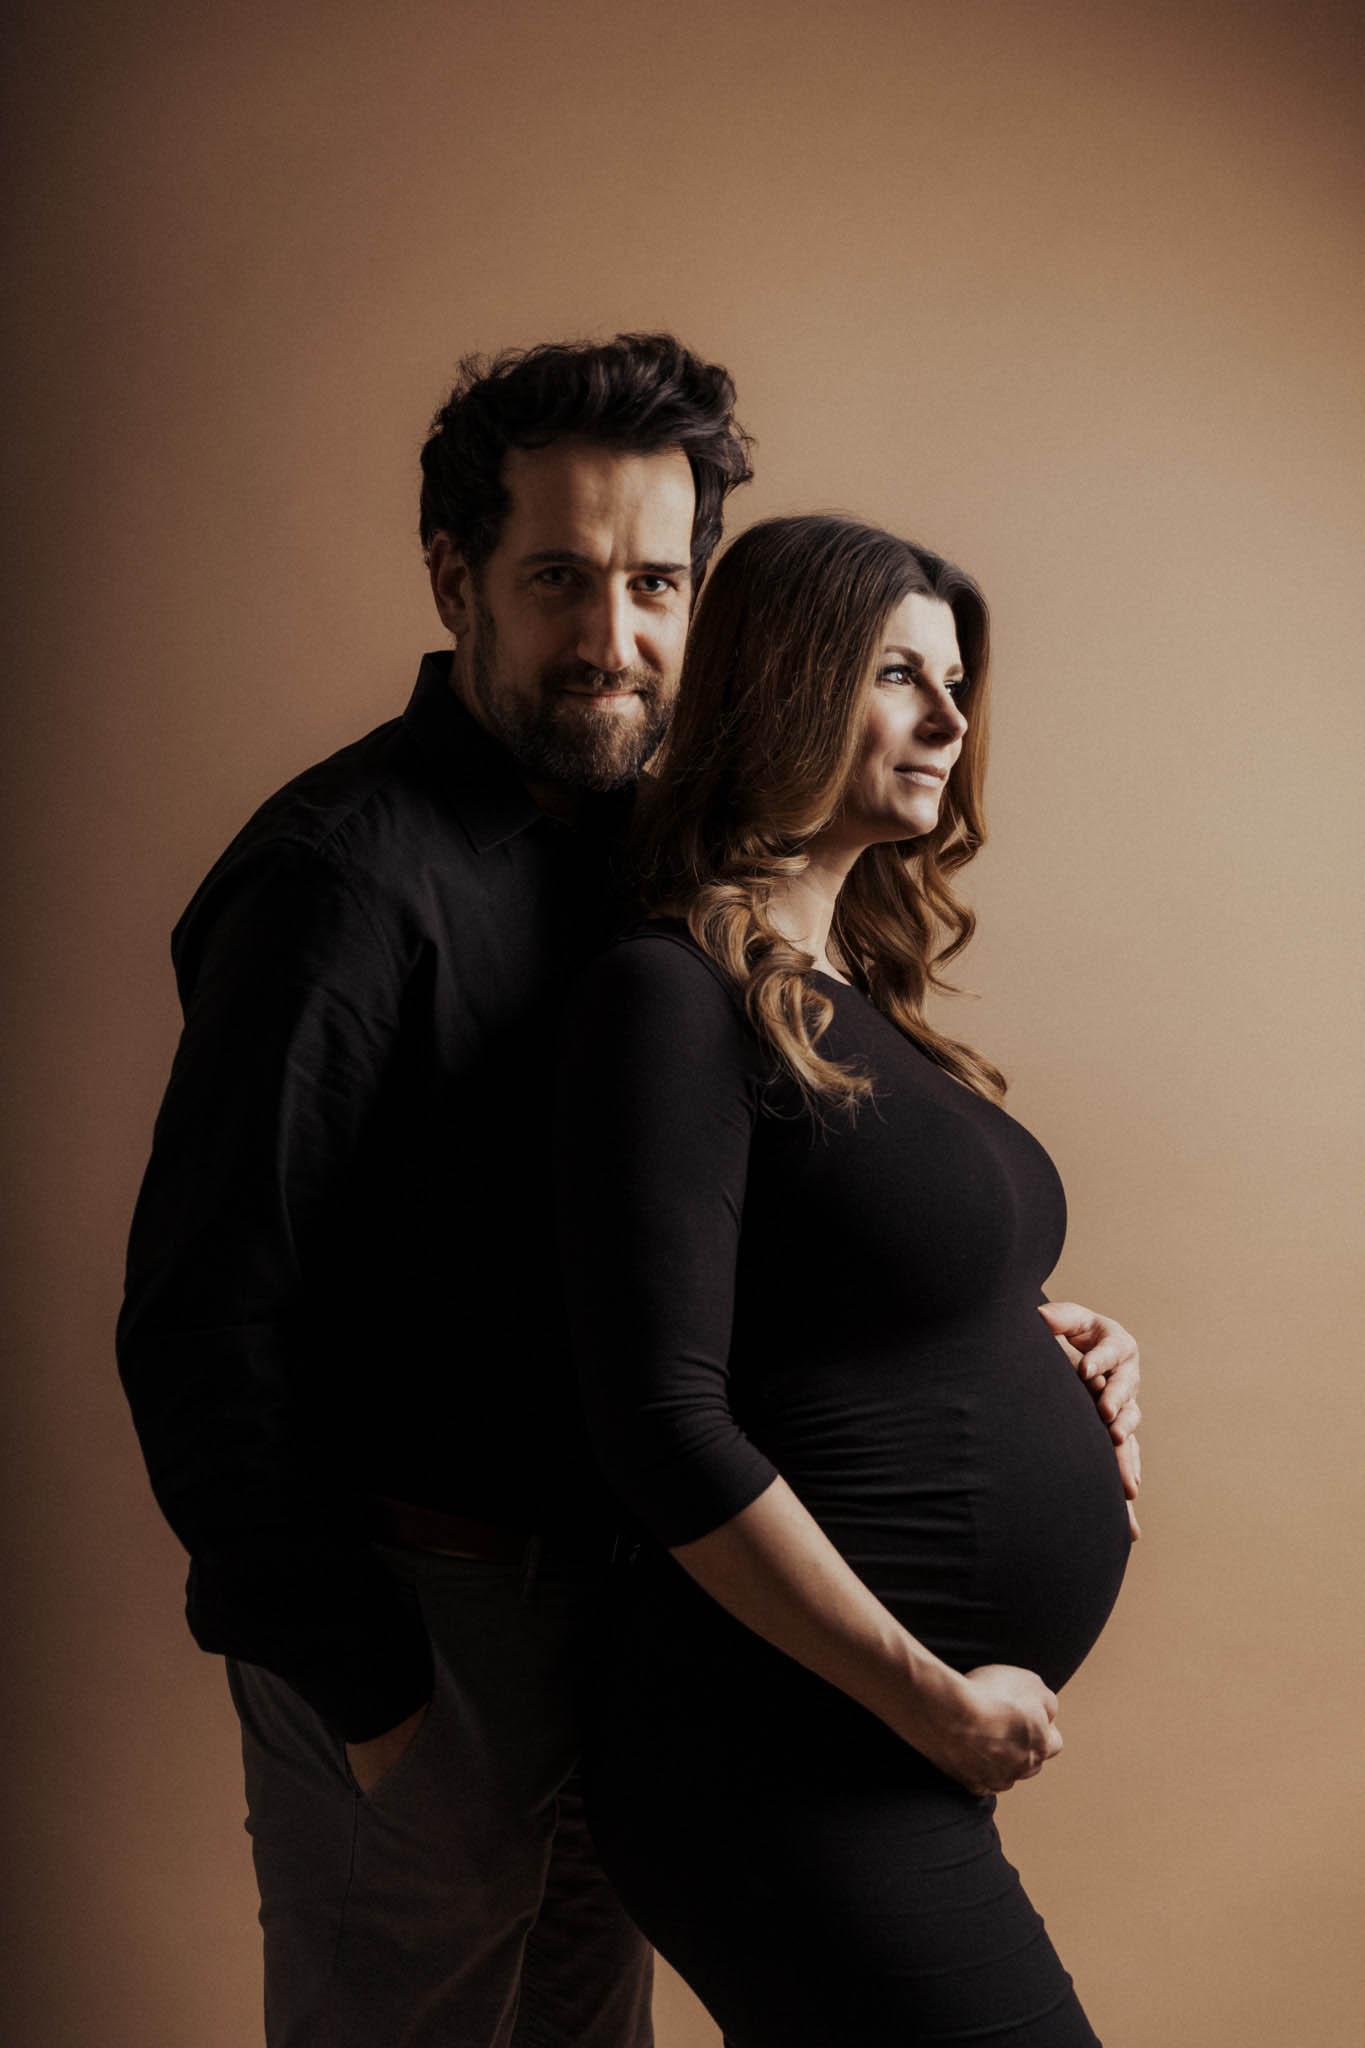 Schwangerschaftsfoto mit Partner im Studio